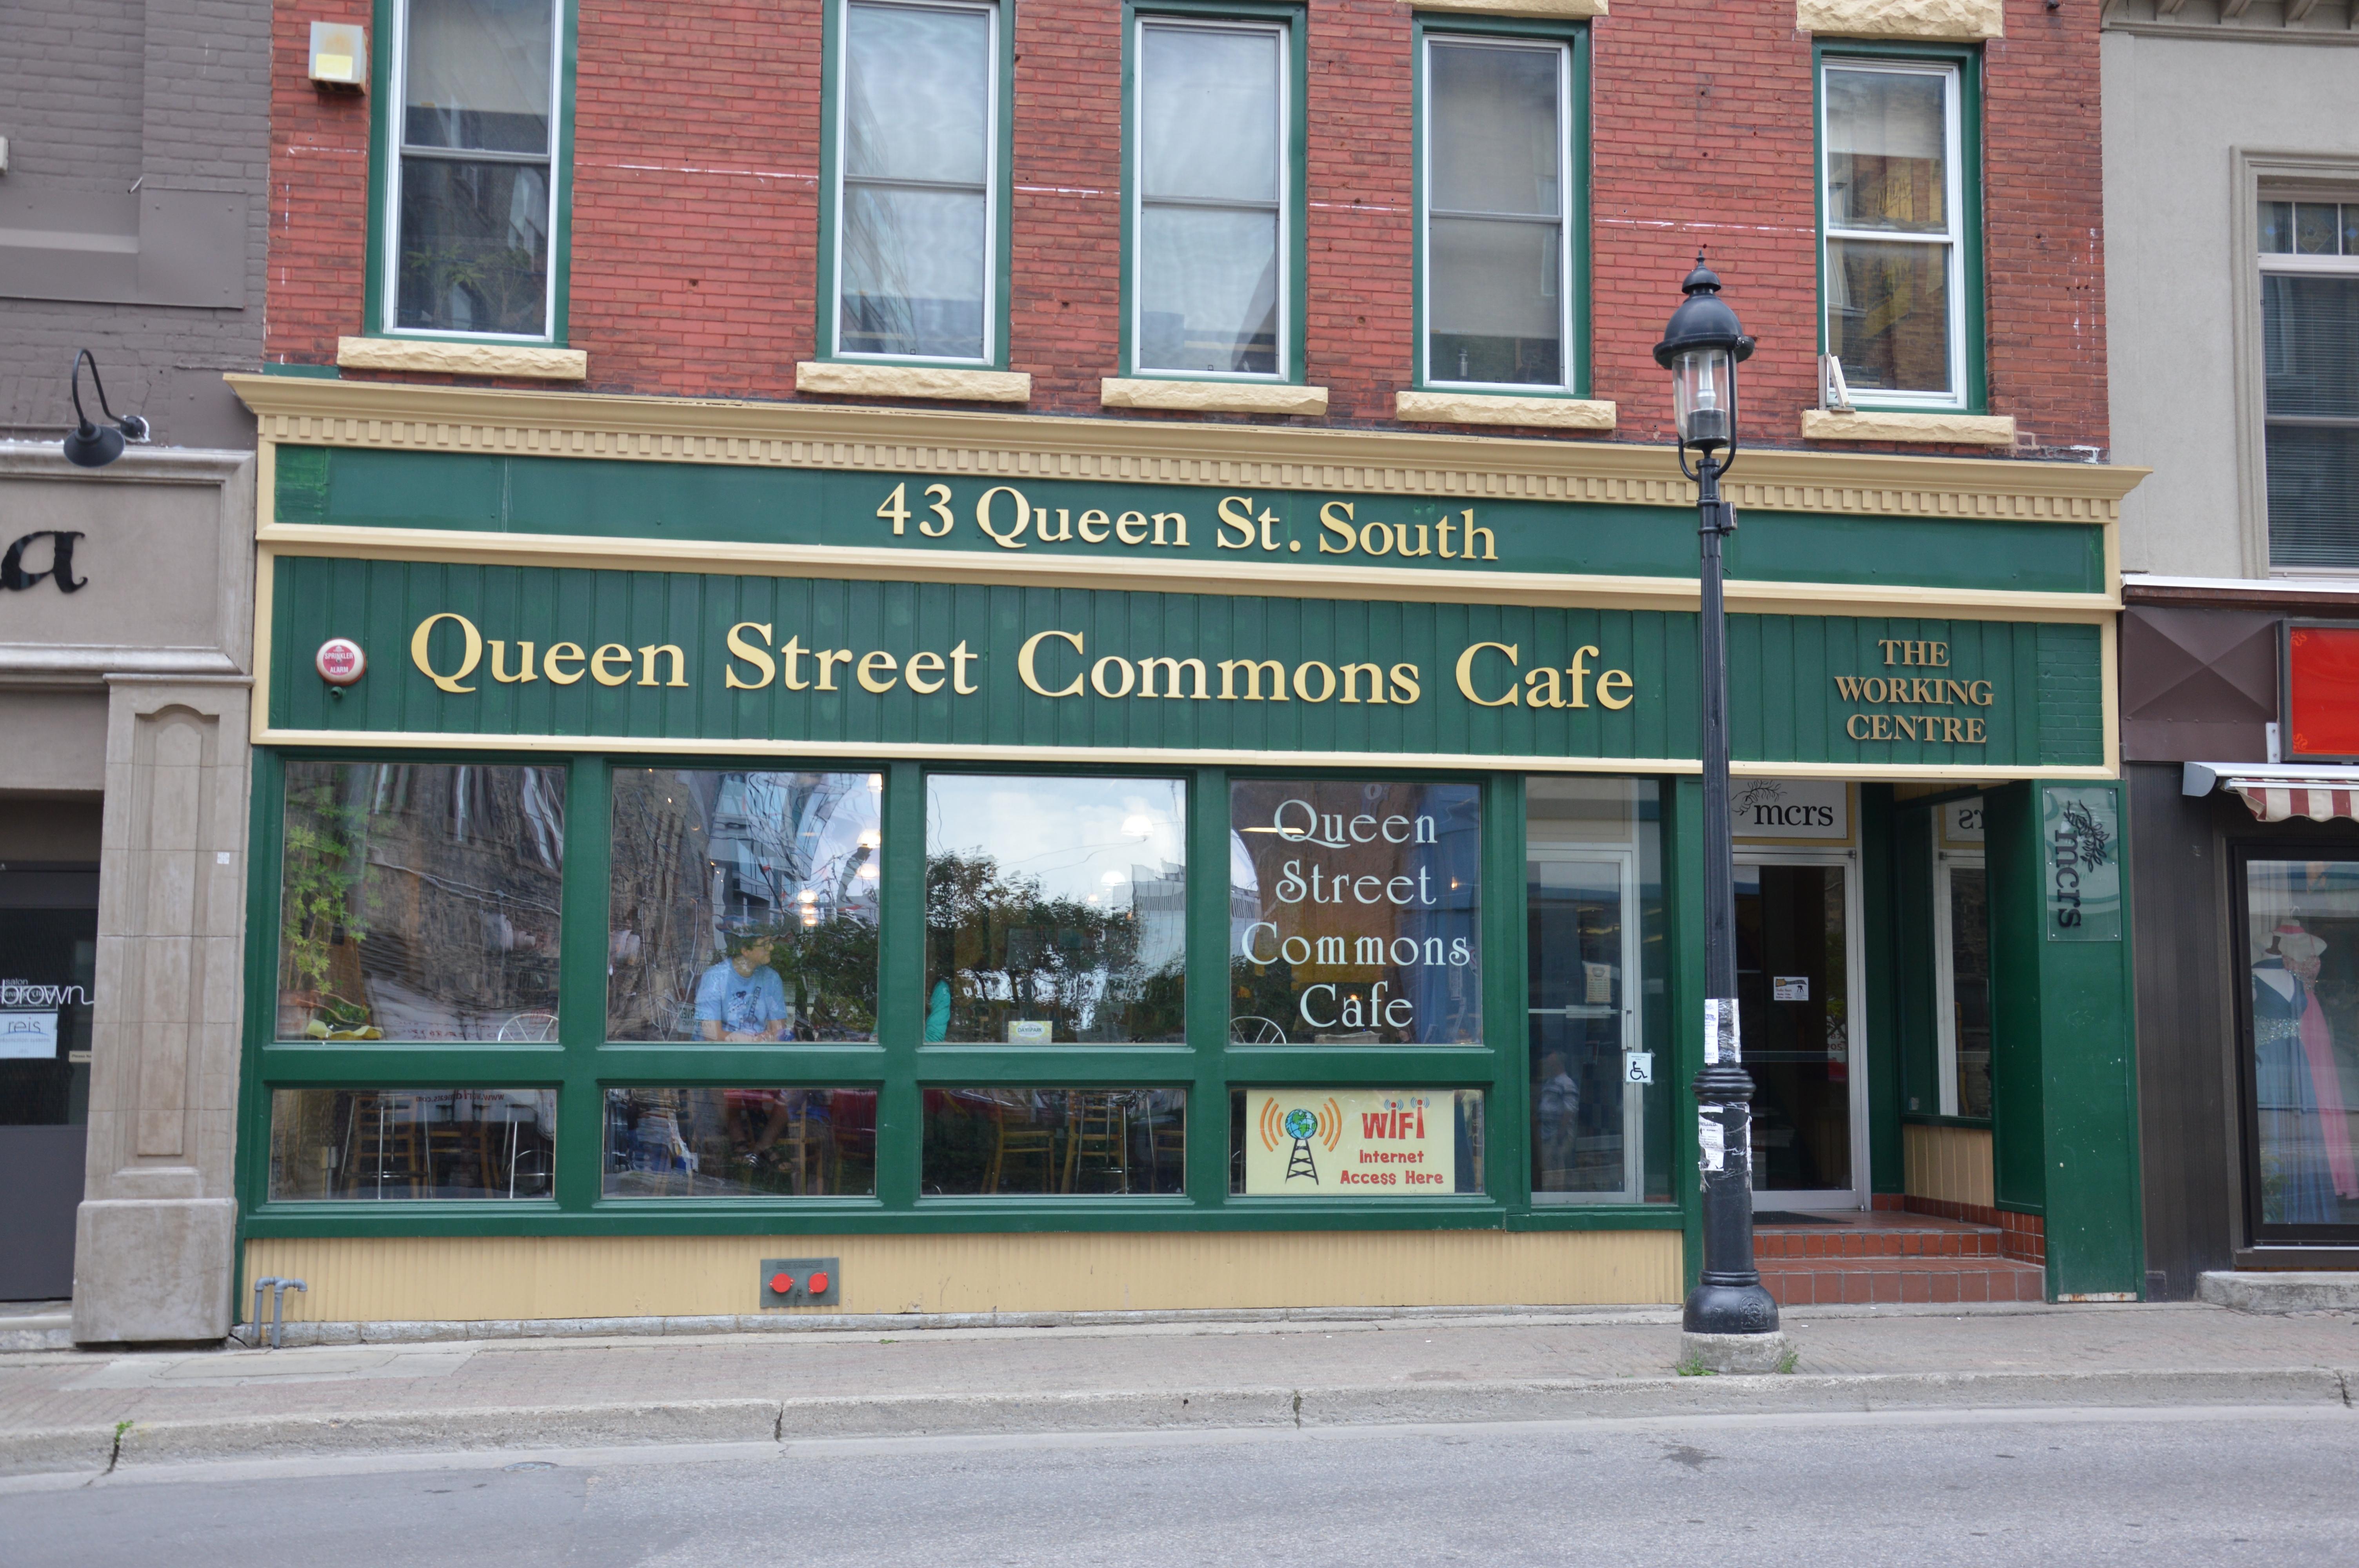 File:QueenStreetCommons-43QueenStS-Kitchener.JPG - Wikimedia Commons